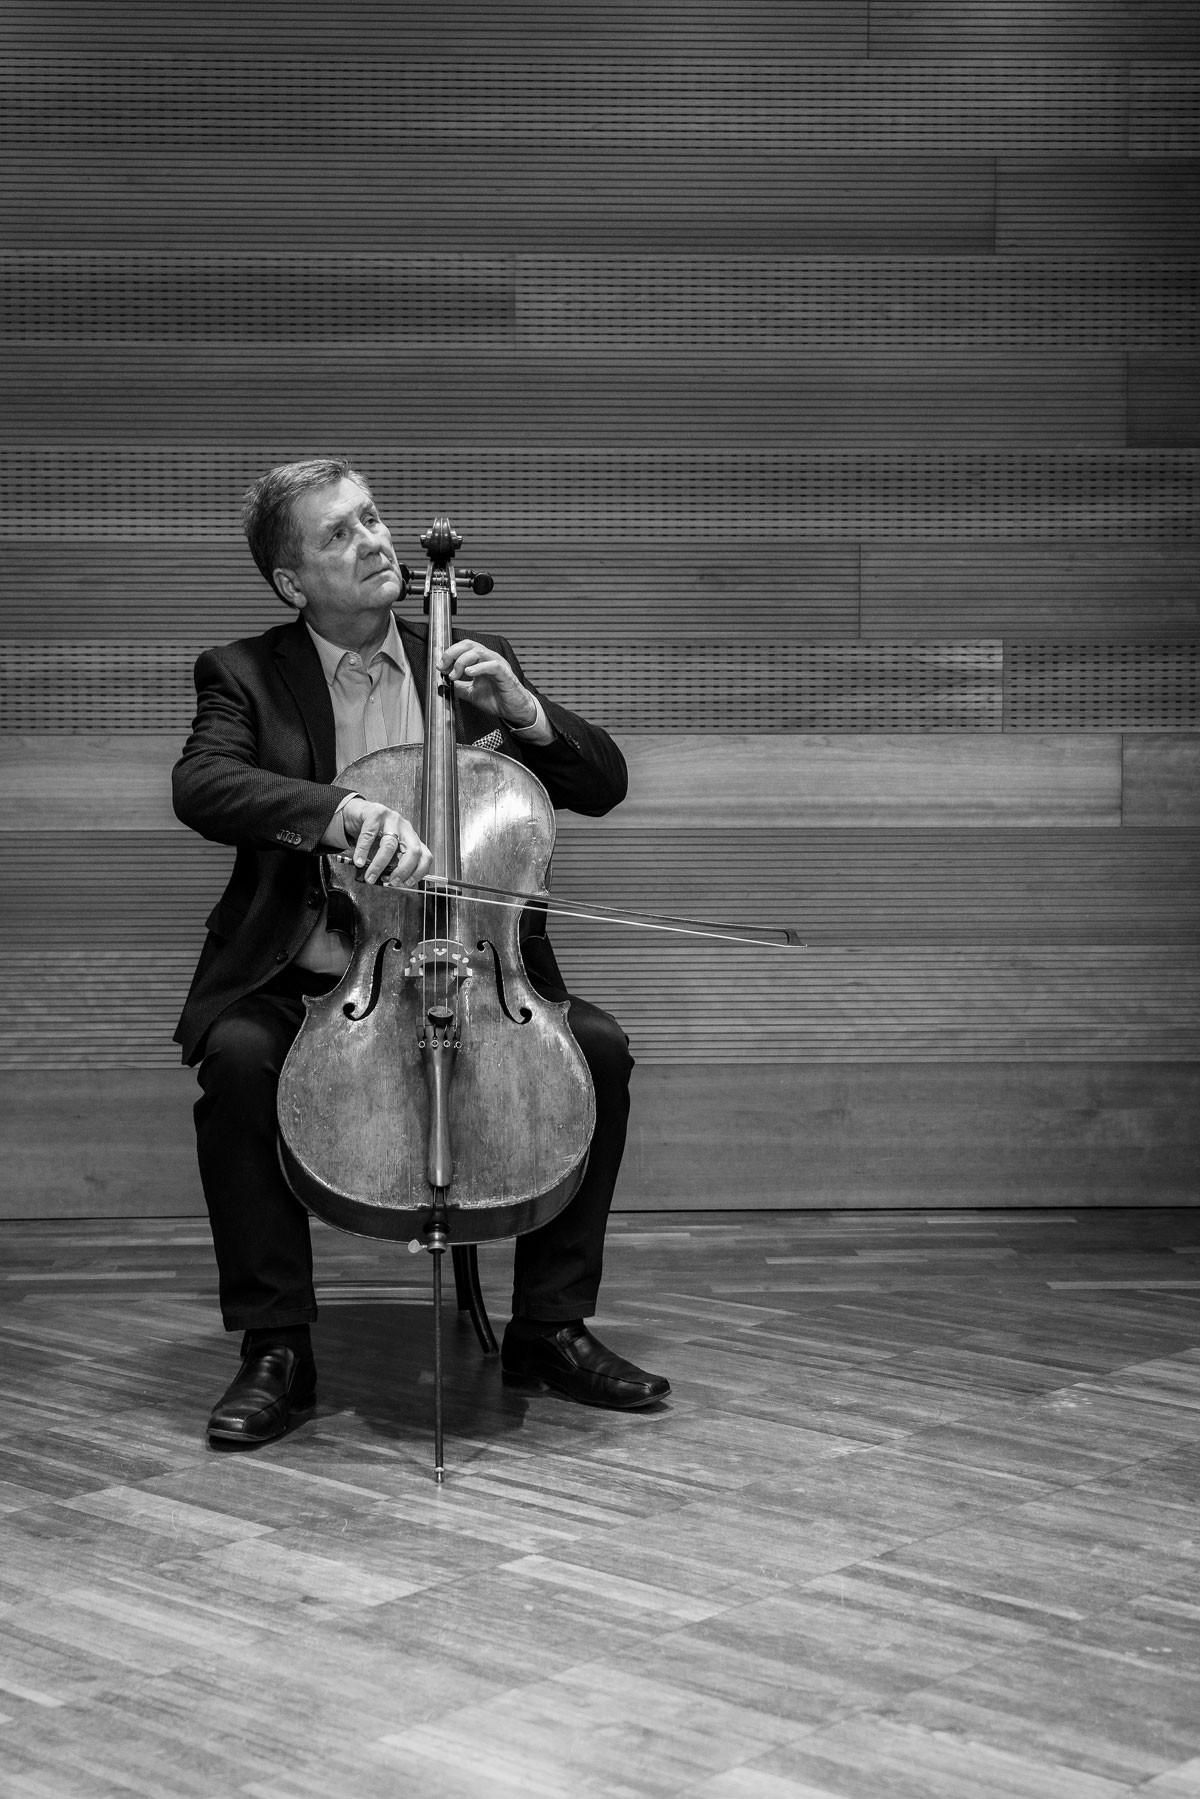 Onczay Csaba: Nem a nagyon tehetséges csellista tanítása a kihívás, hanem akiből ki tudjuk hozni a benne rejlő képességet